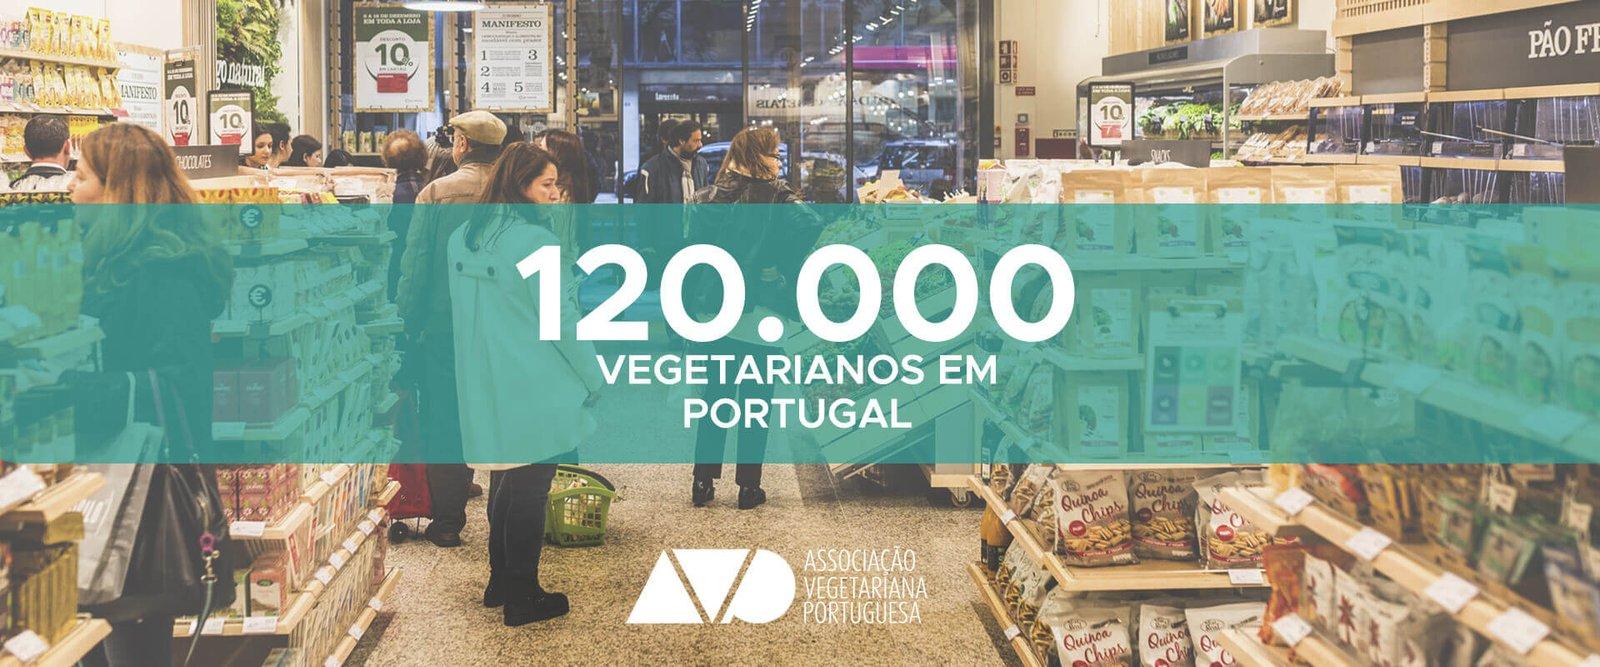 120.000 vegetarianos